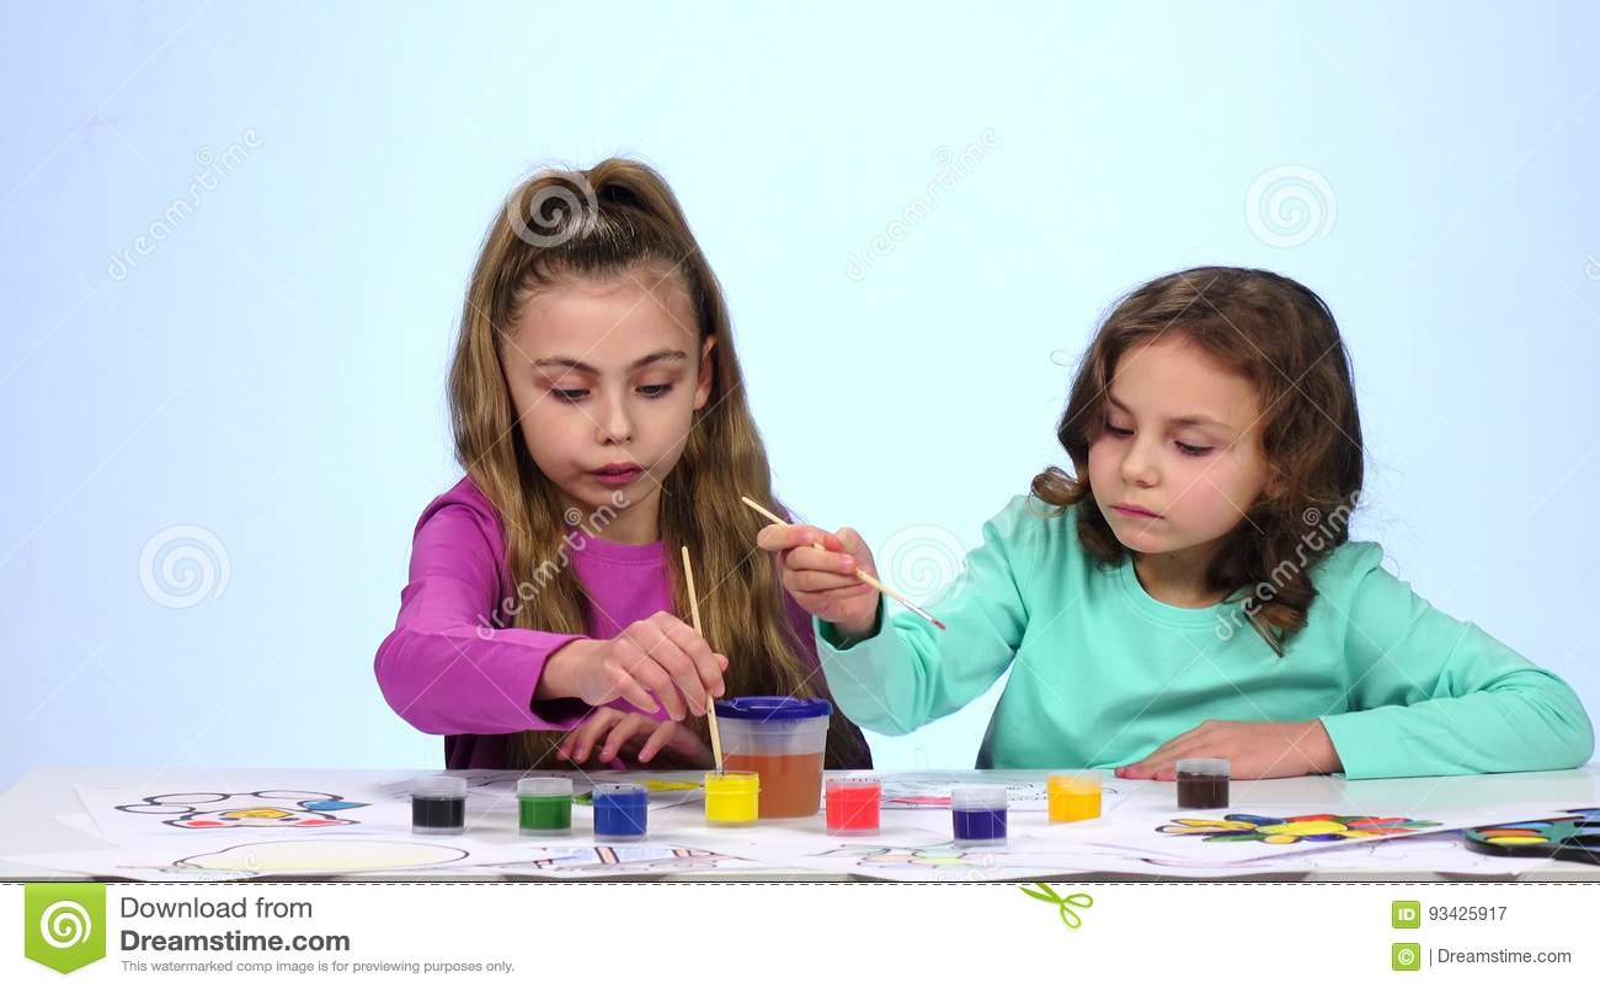 Kinder Malt Ein Bild Betupft Eine Bürste In Einem Glas Mit Wasser Abschluss Oben Weißer Hintergrund Geschossen Auf Kennzeichen